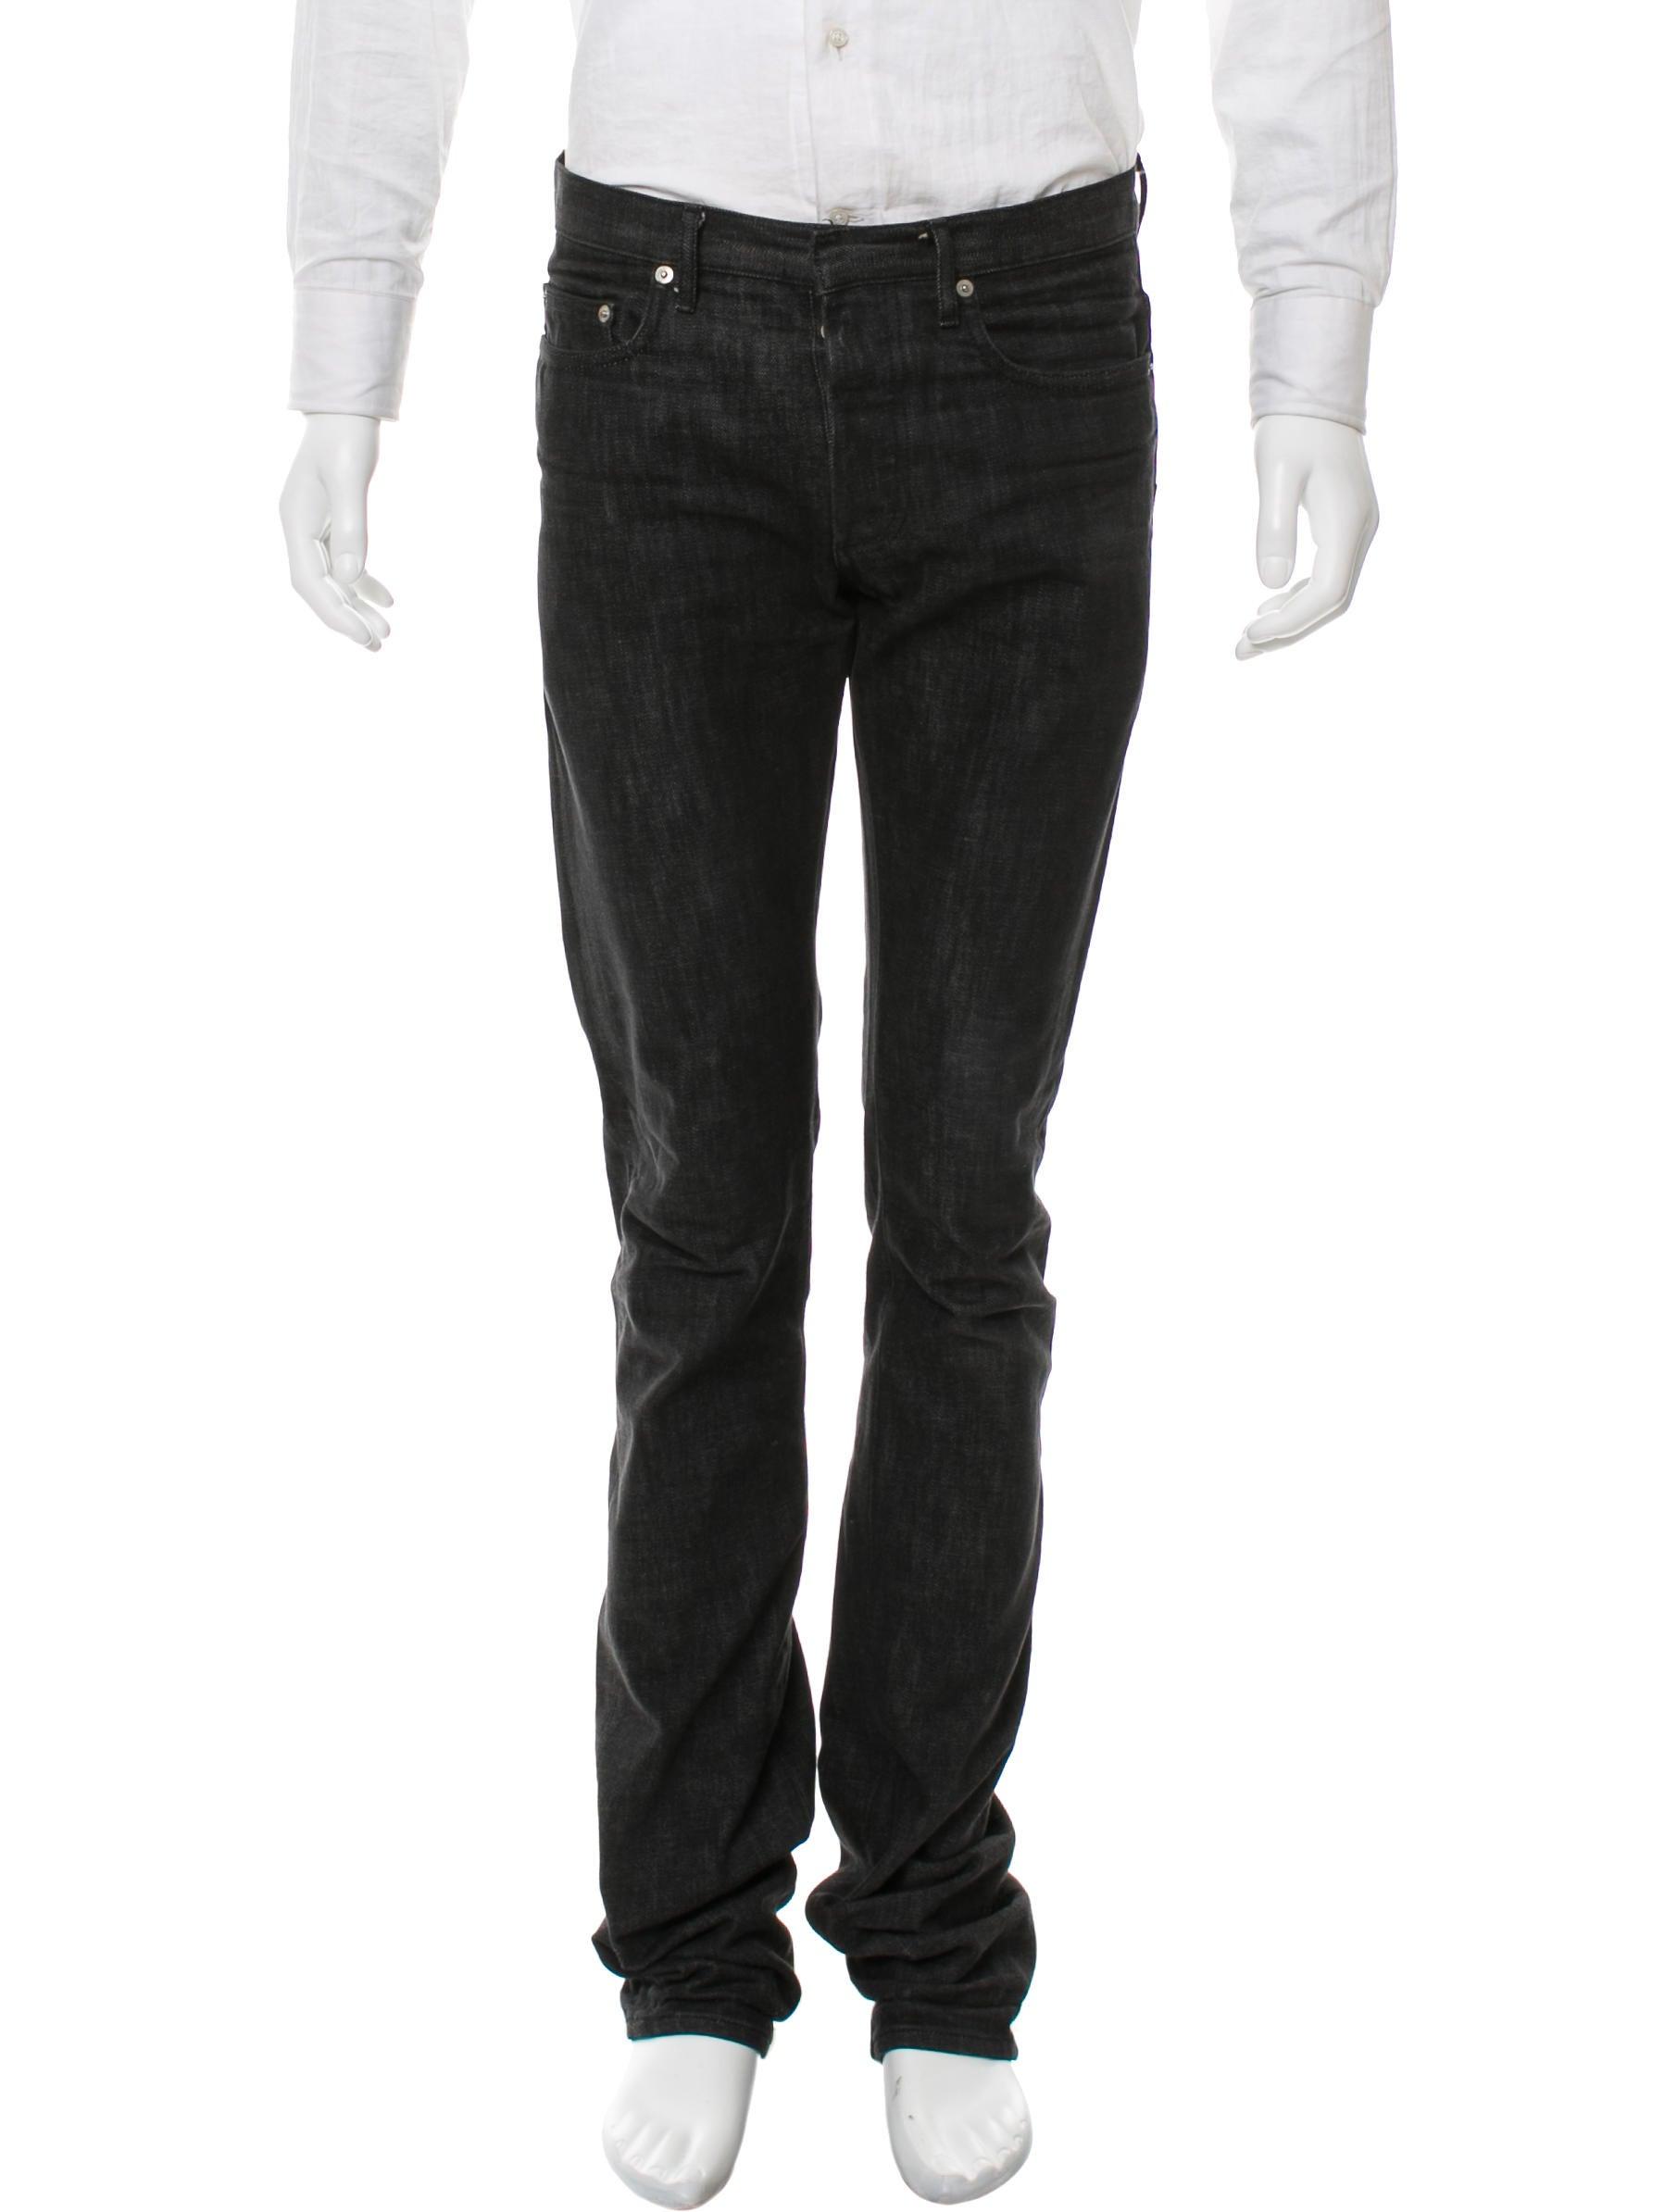 dior homme five pocket skinny jeans clothing hmm22994 the realreal. Black Bedroom Furniture Sets. Home Design Ideas